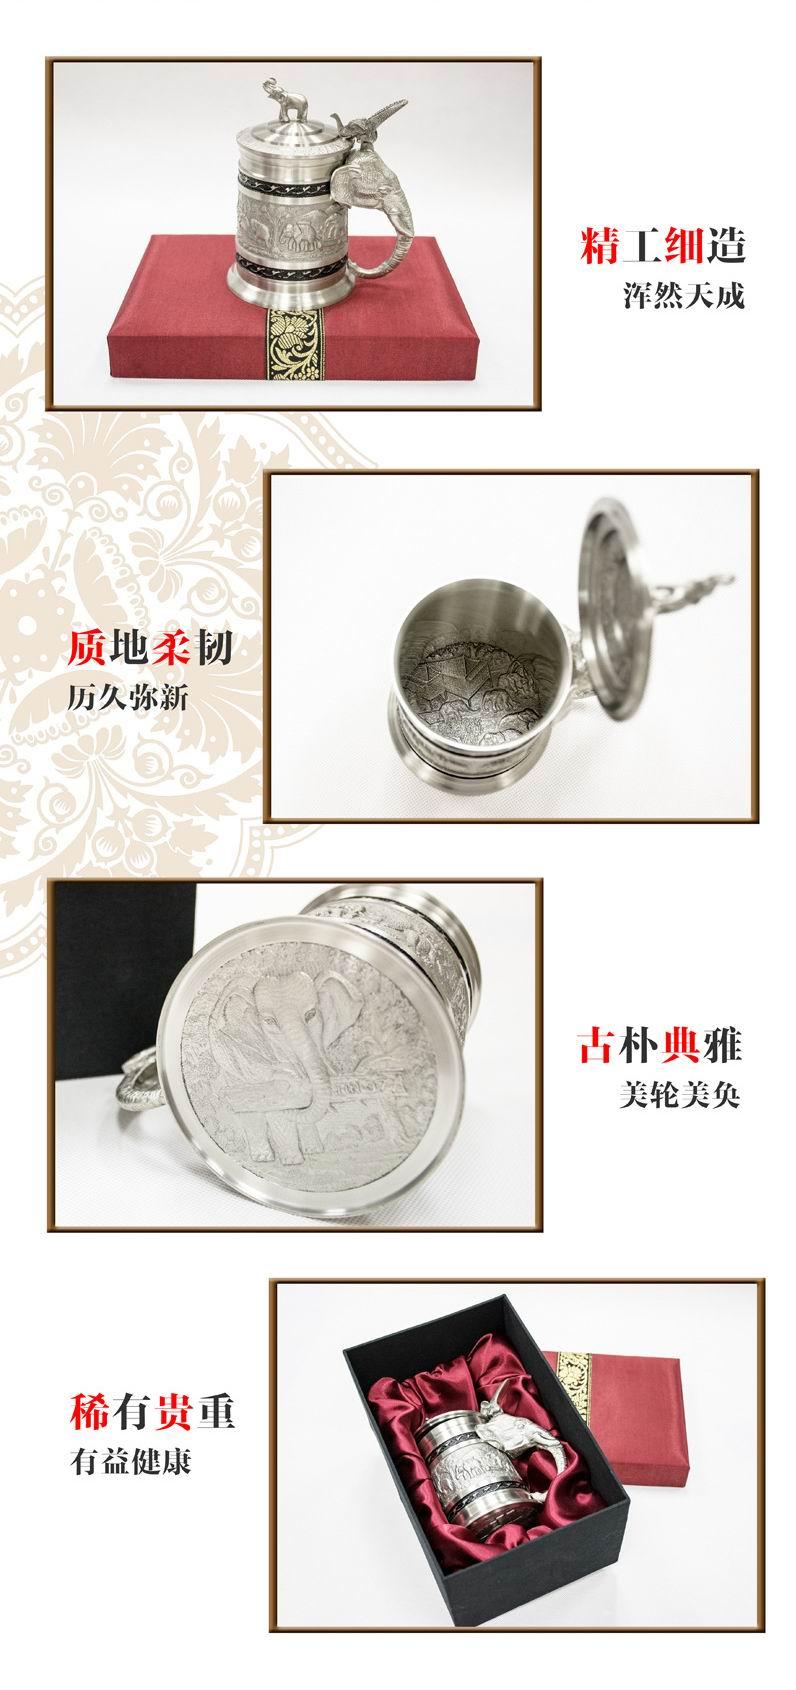 泰国 特色 商务礼品 工艺品 礼盒套装 锡金壶 锡图片四